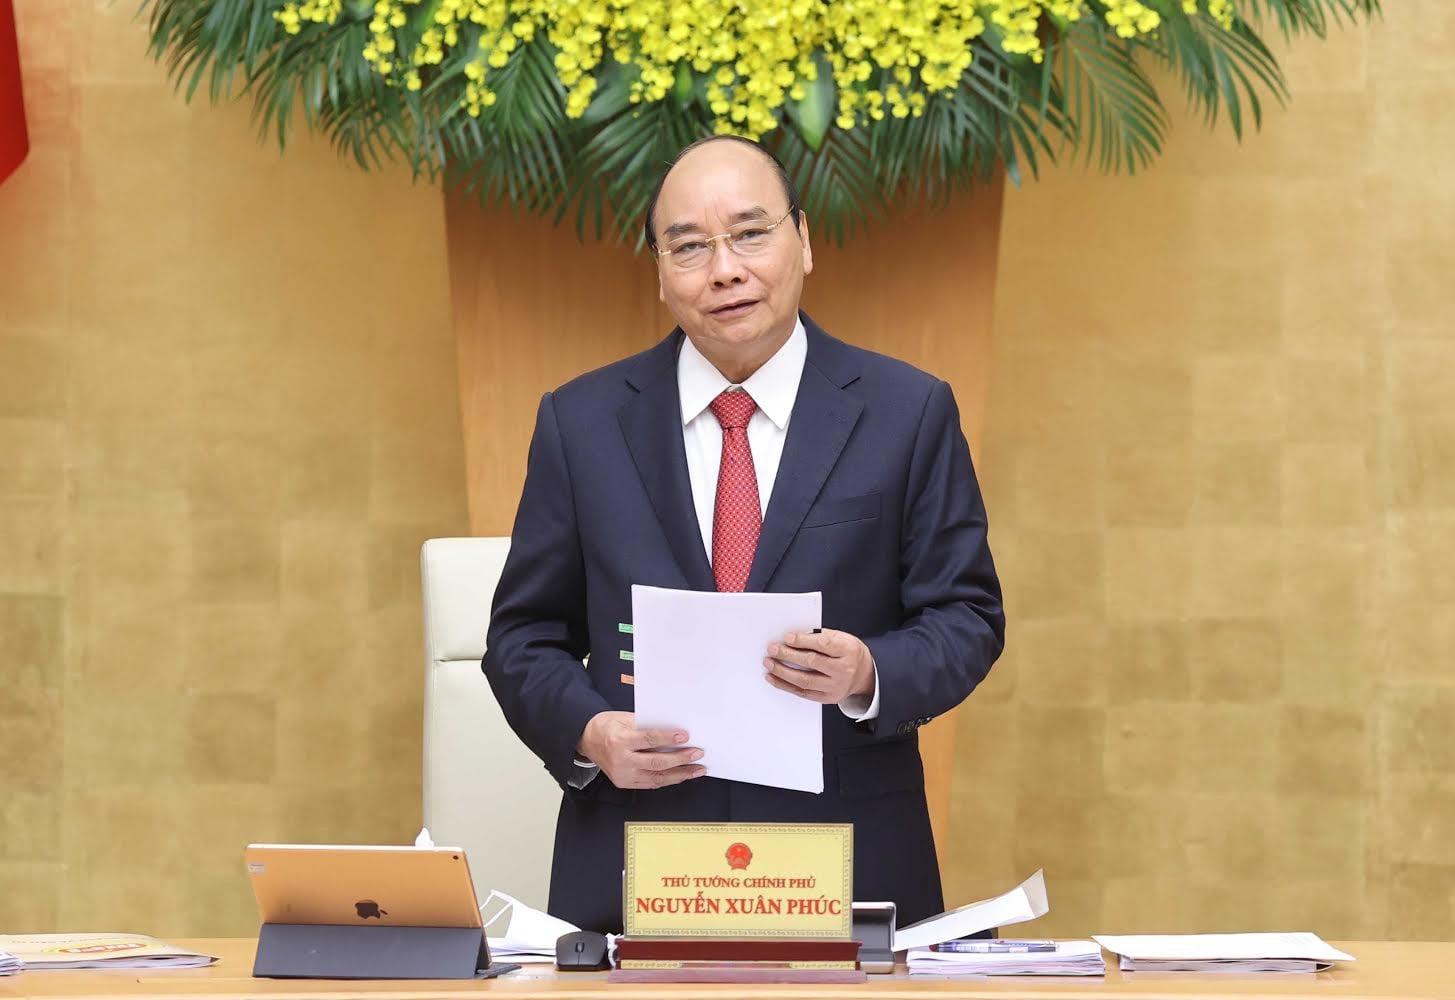 Thủ tướng Chính phủ Nguyễn Xuân Phúc phát biểu kết luận phiên học.